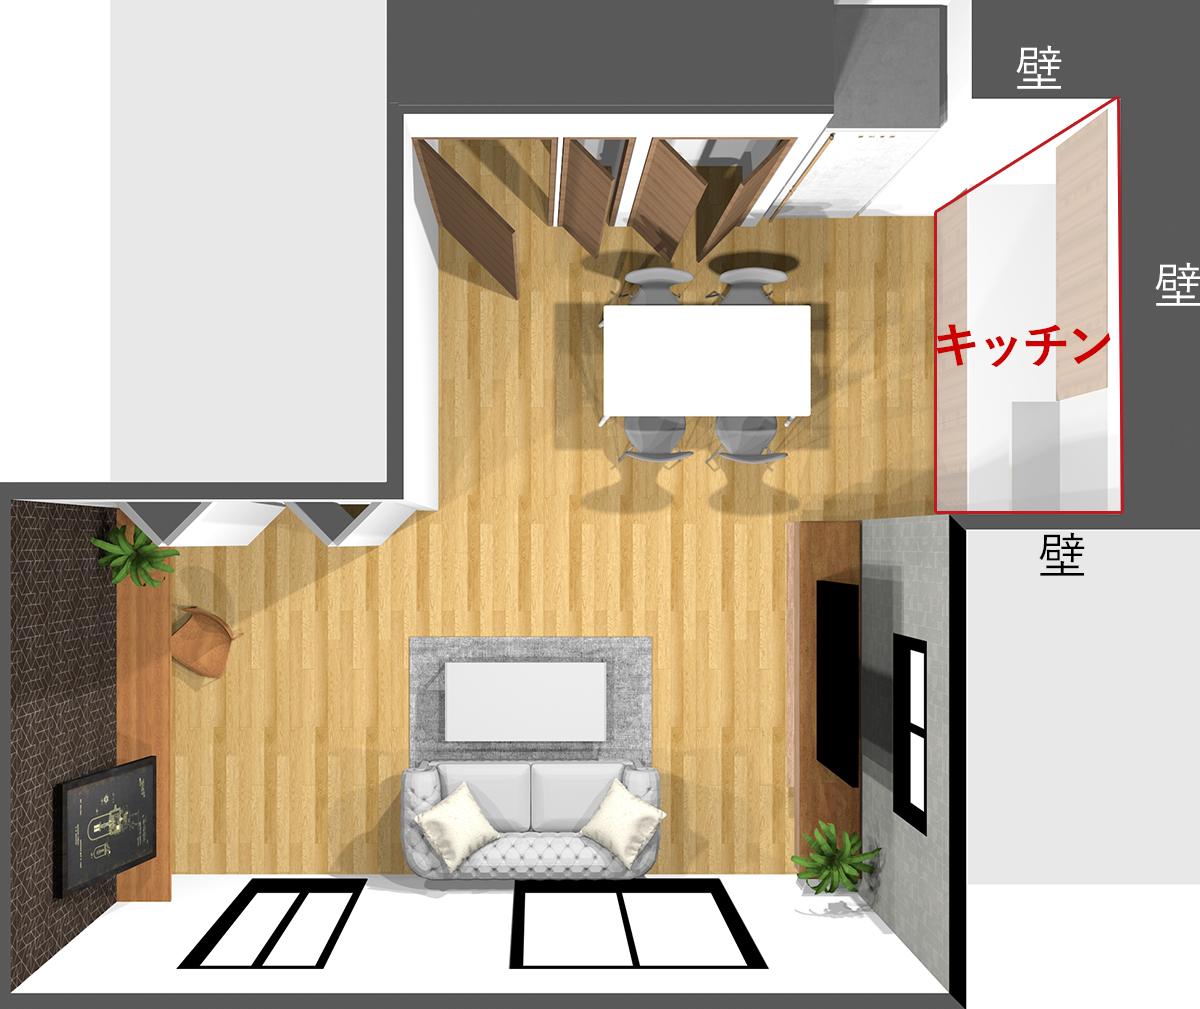 壁付けキッチンの壁の位置